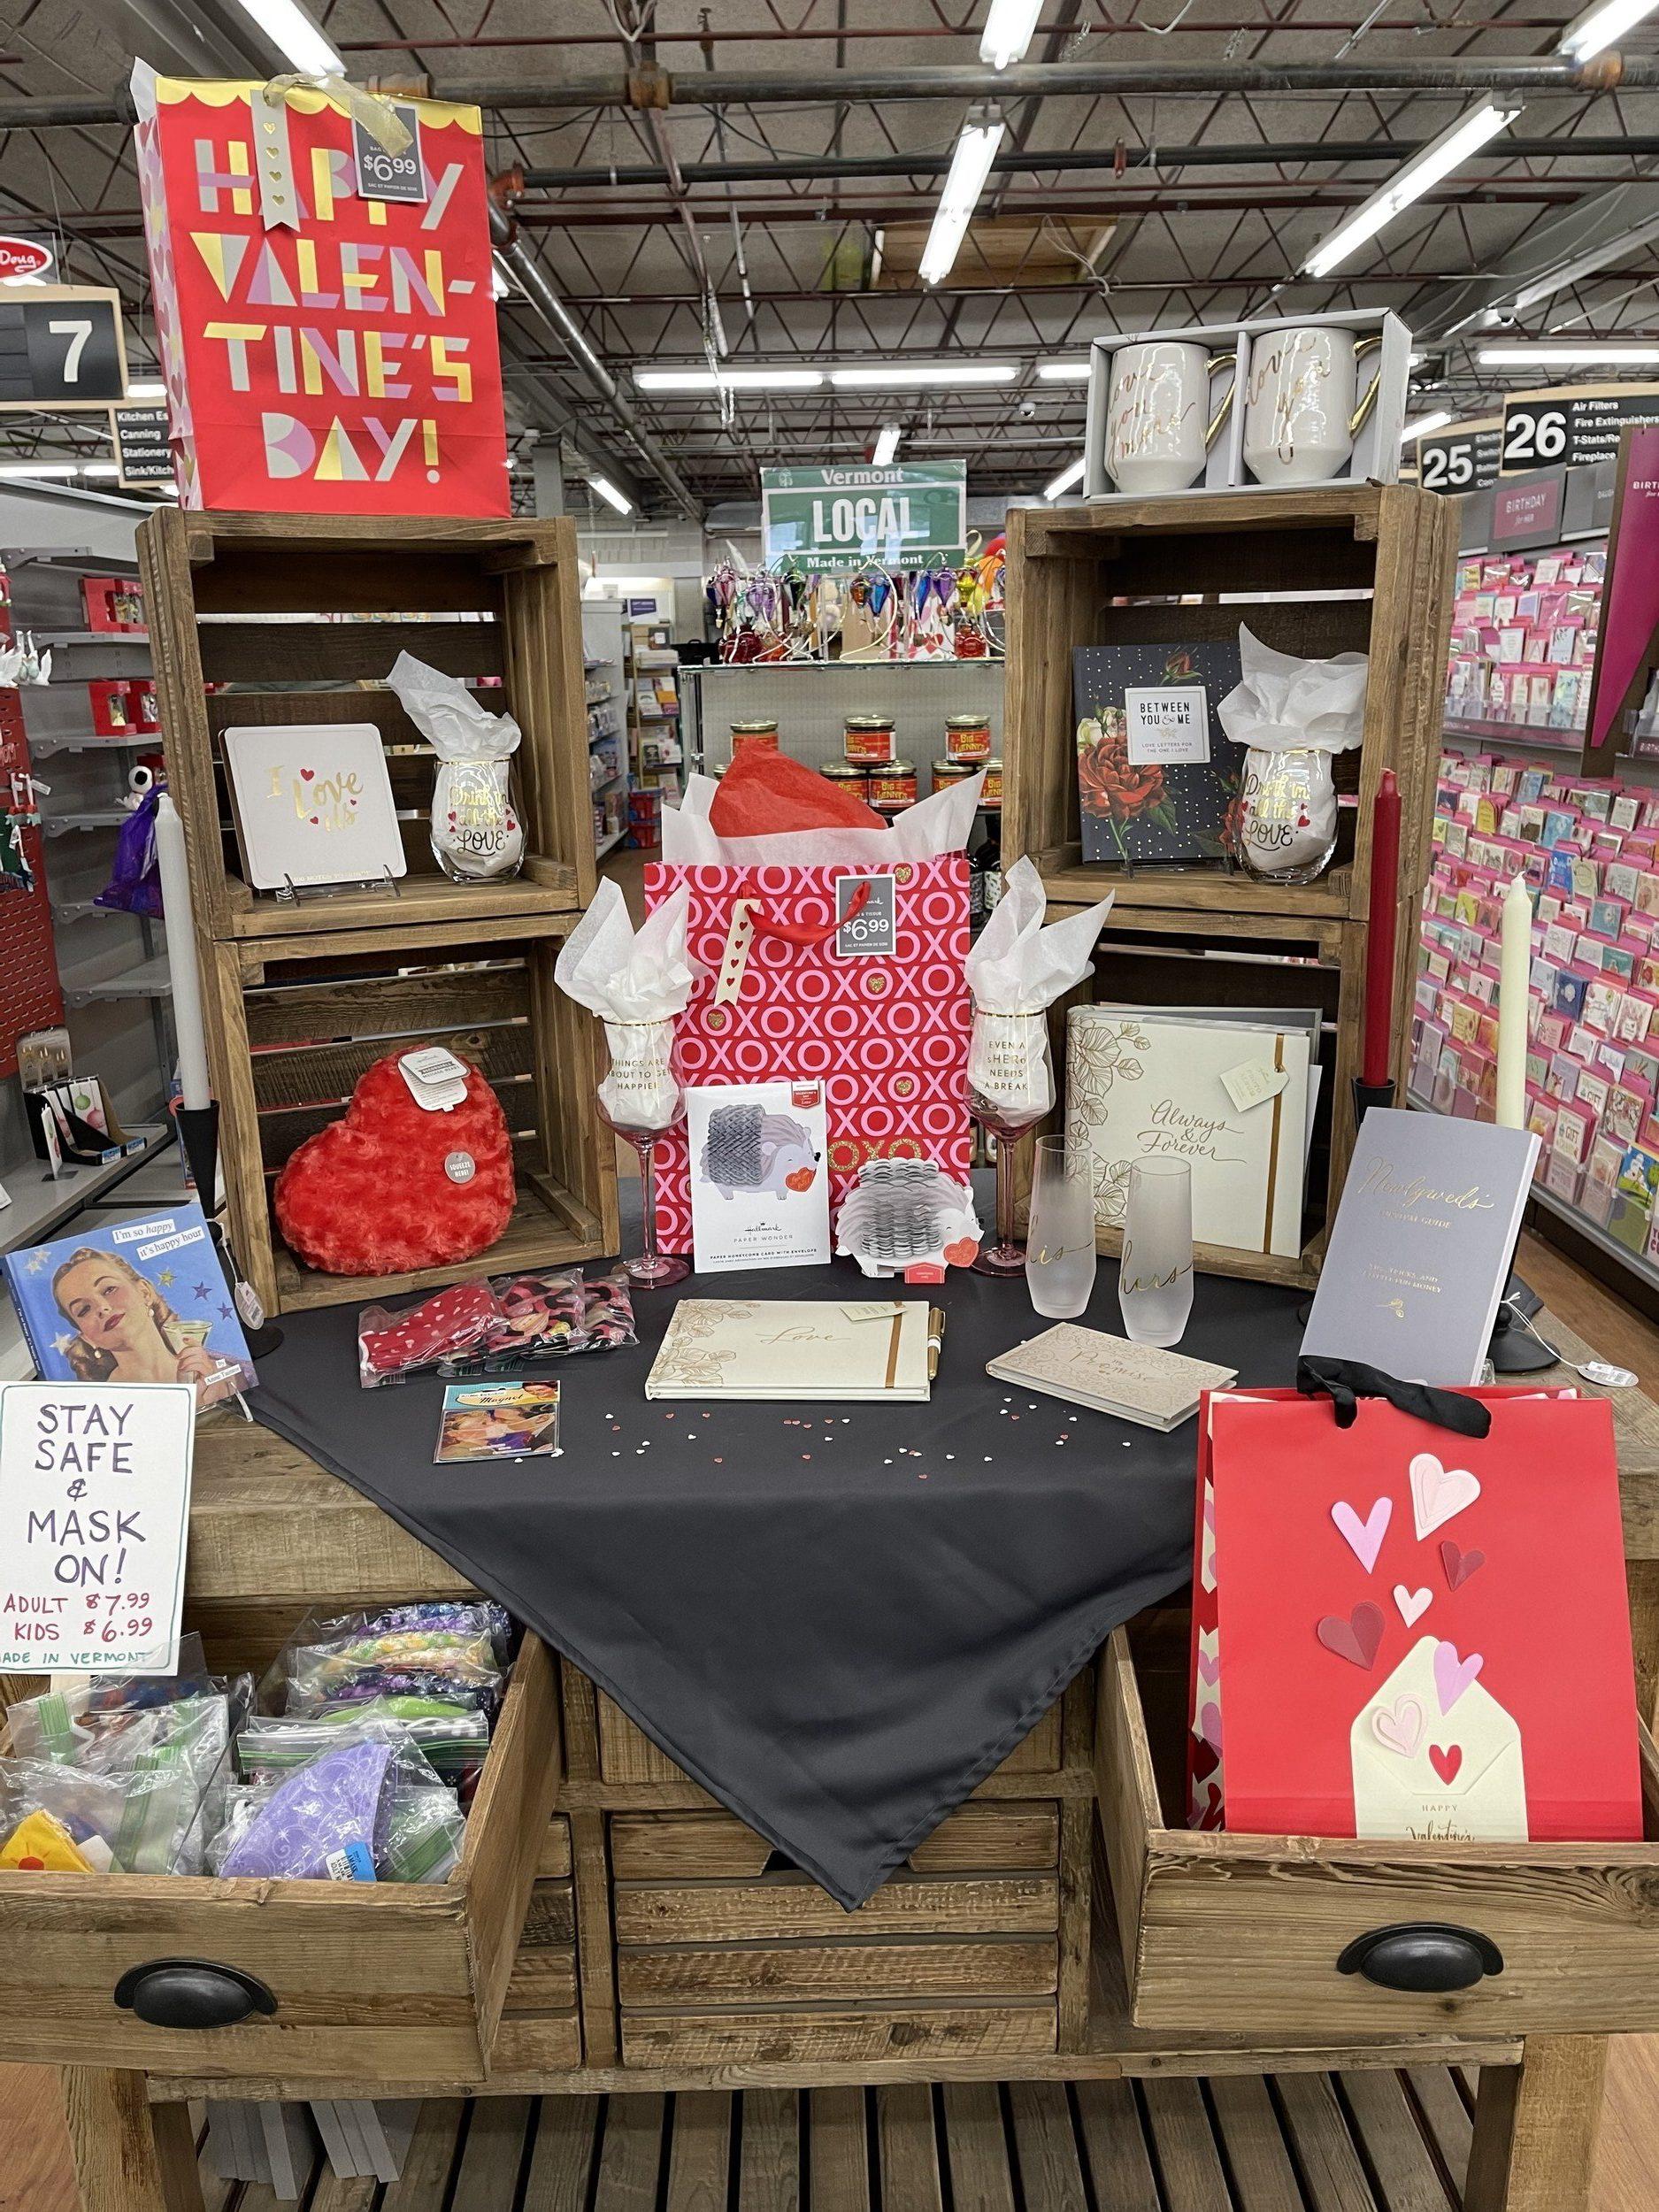 hallmark-gifts-Valentine's-Day-display